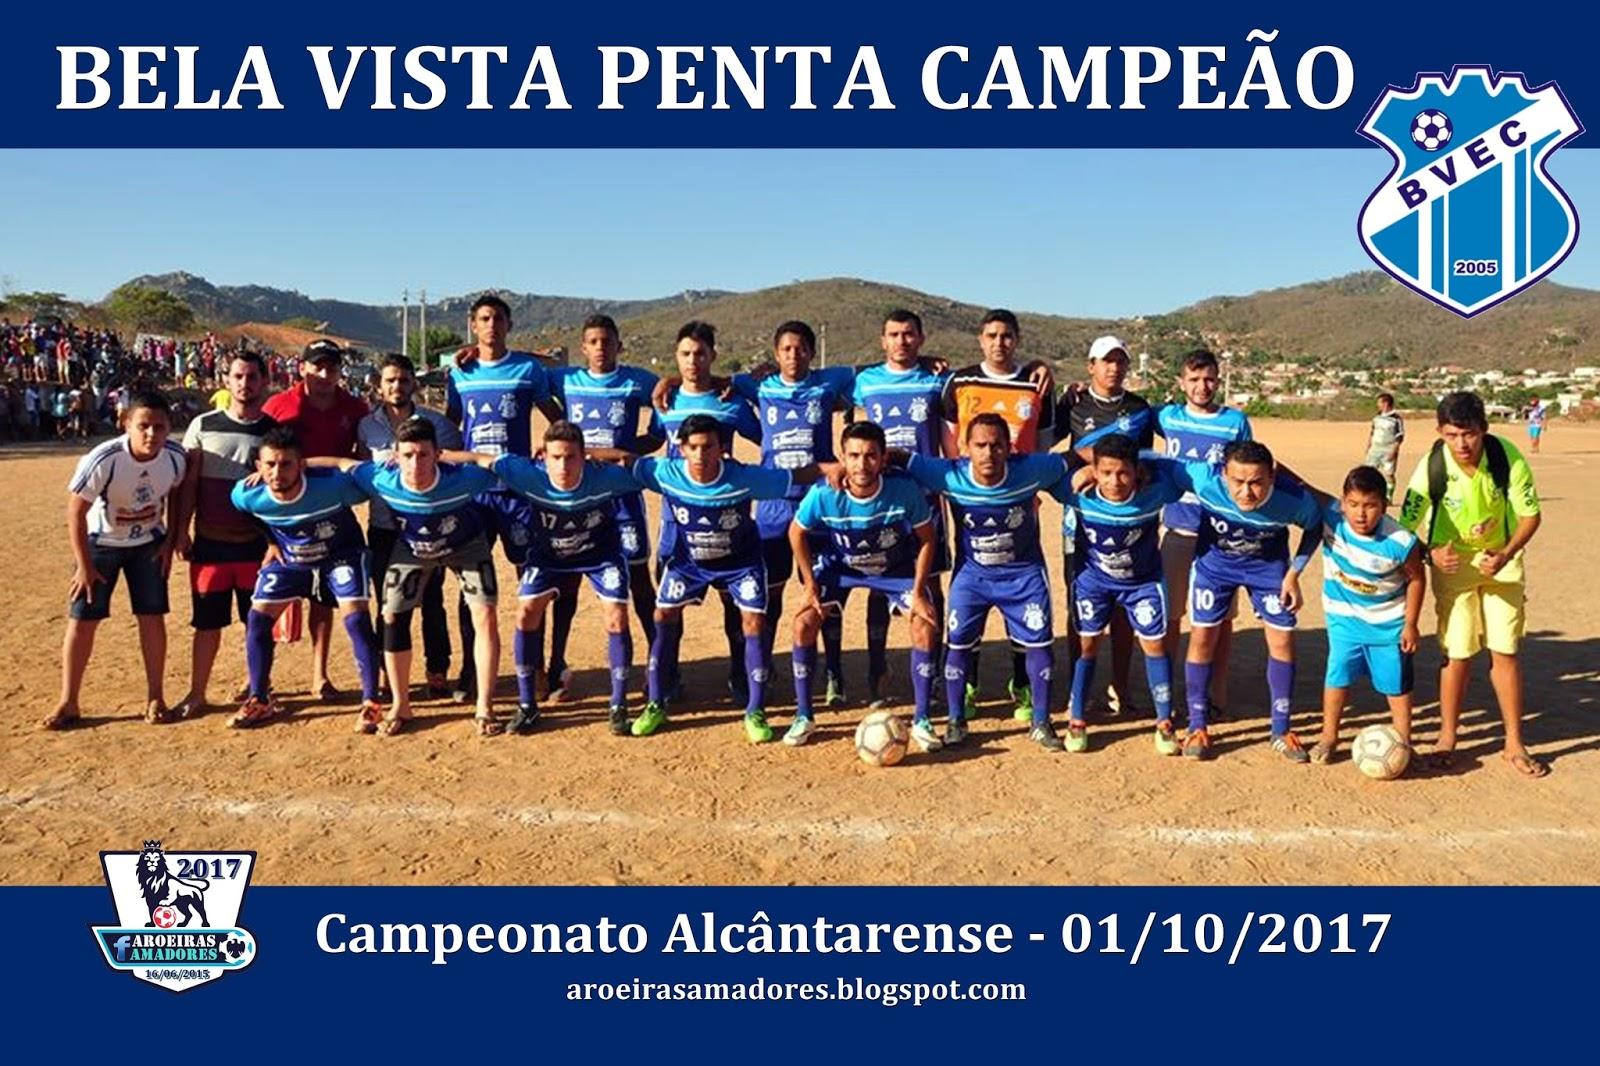 c71ea611811f1 ... e convertendo as 8 primeiras cobrança viu seu goleiro Thony Ripardo  defender a 8ª do Grêmio consagrando o time da sede como Penta Campeão  Alcantarense.